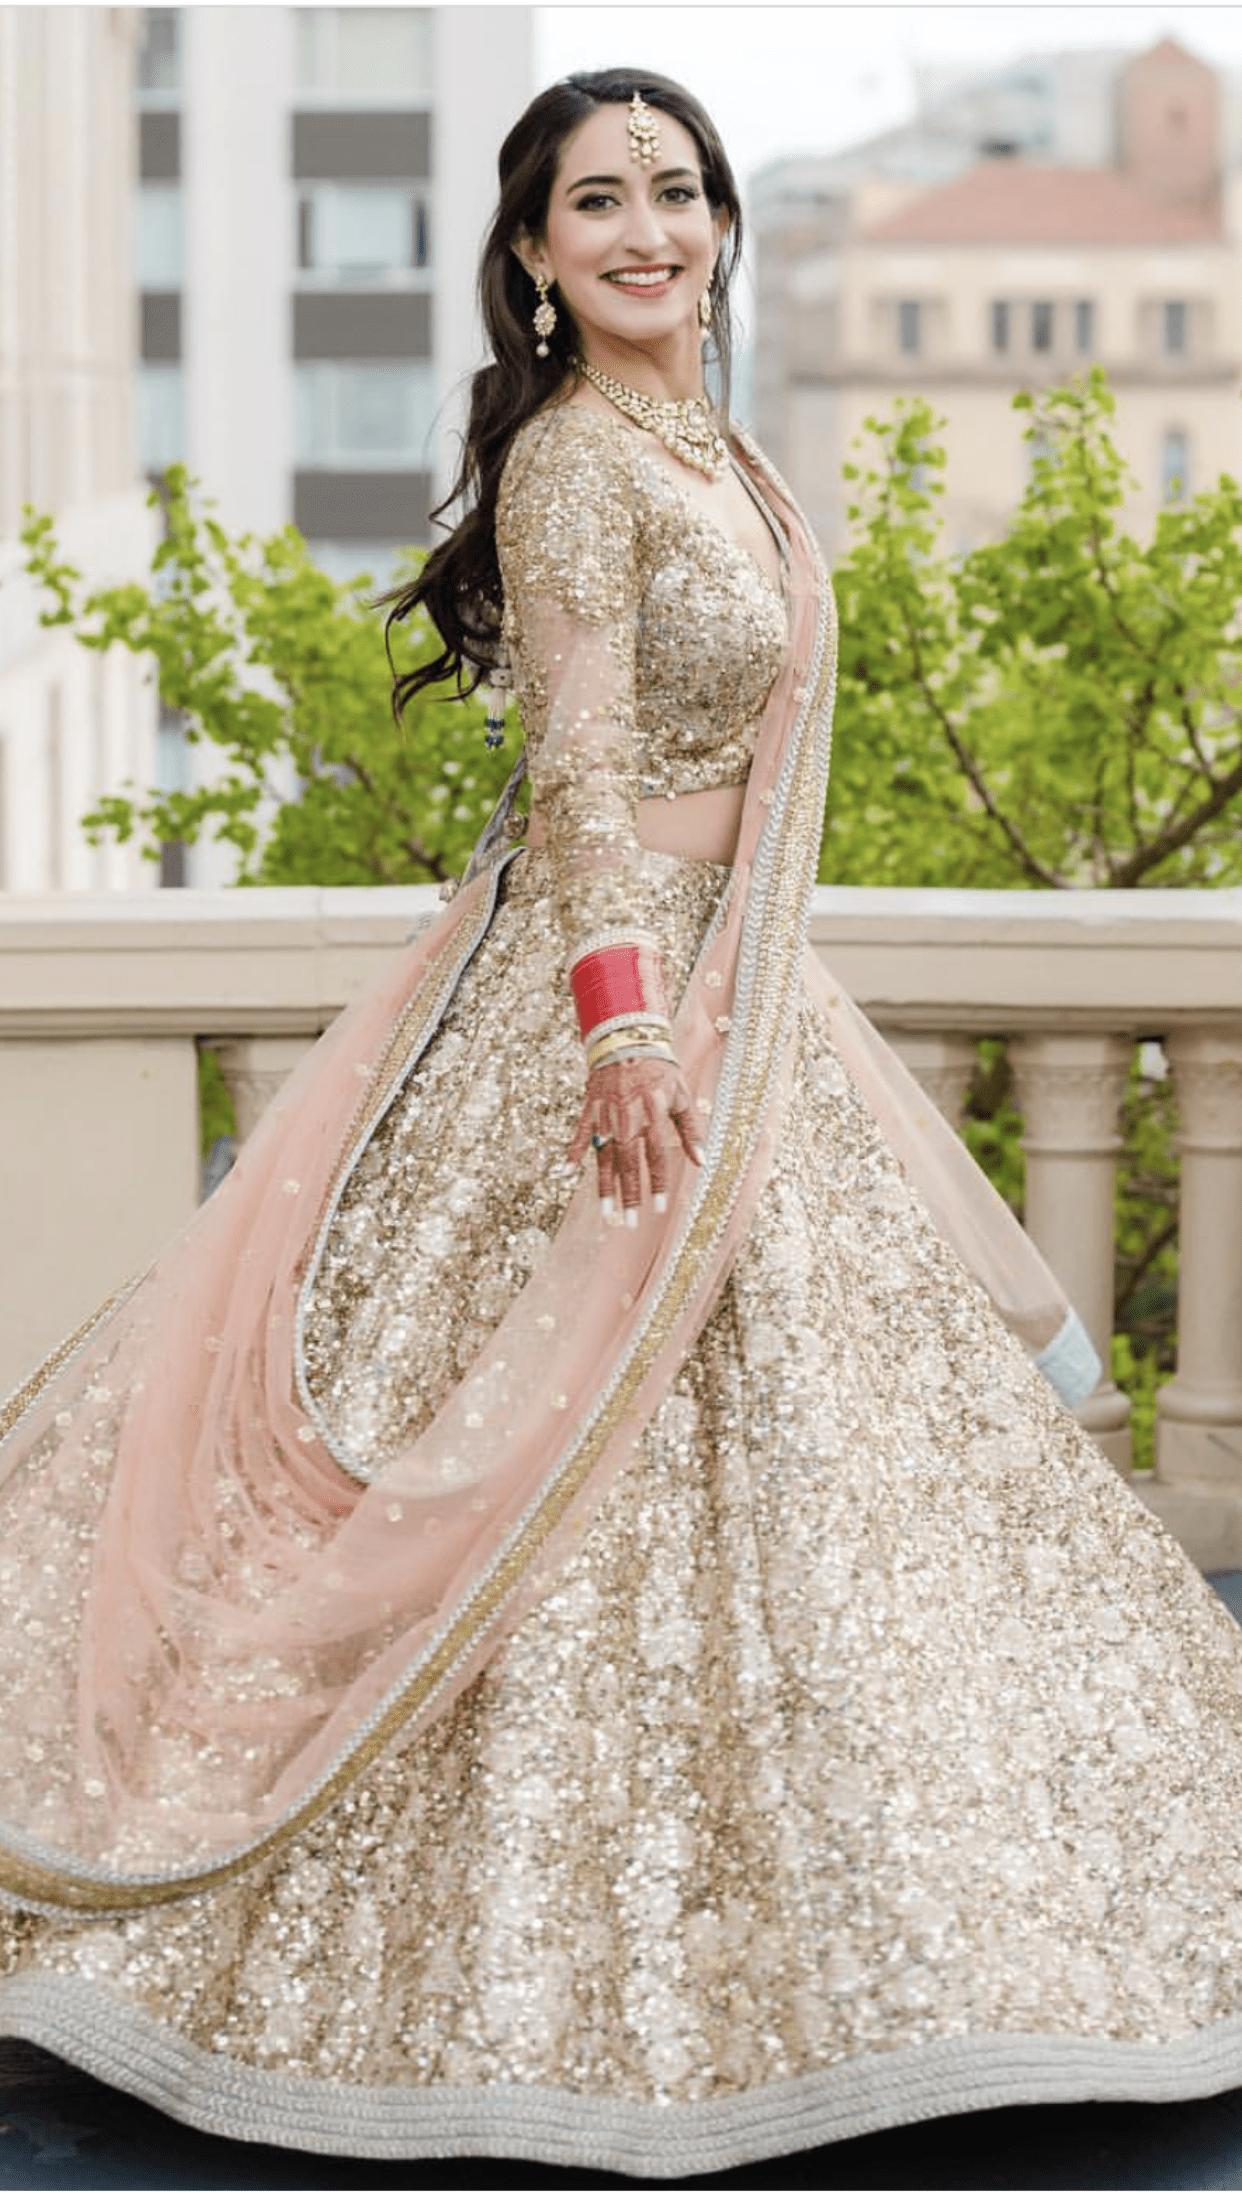 Pin von Senanur Şahin auf Indische Mode Indische